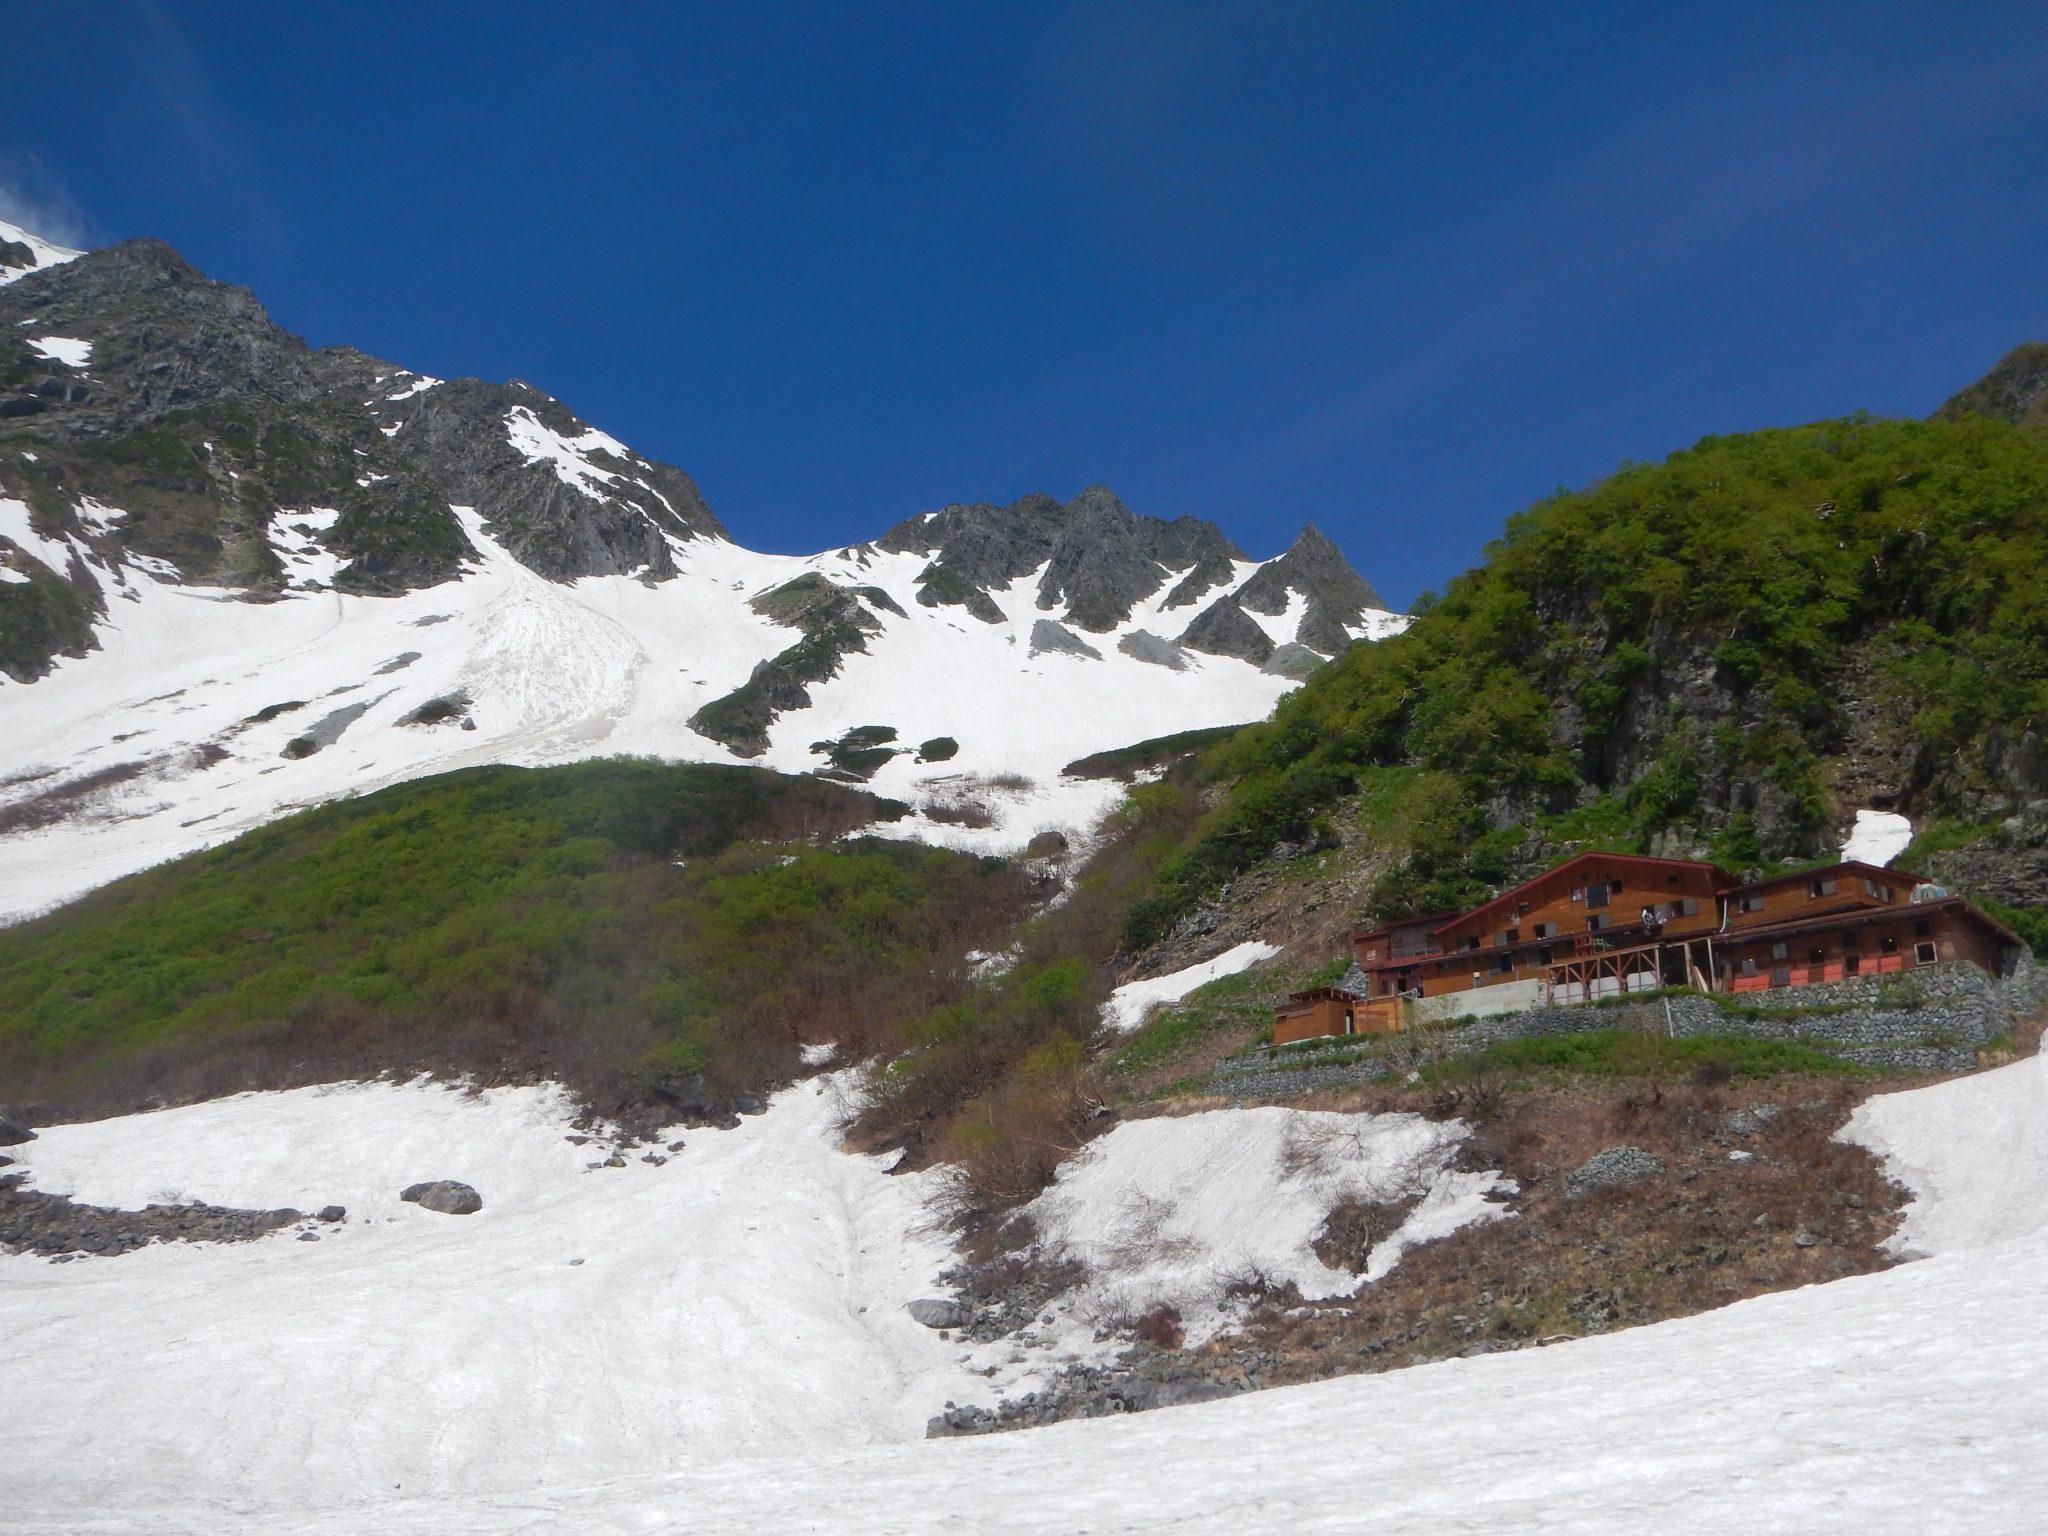 残雪の奥穂高岳3日間